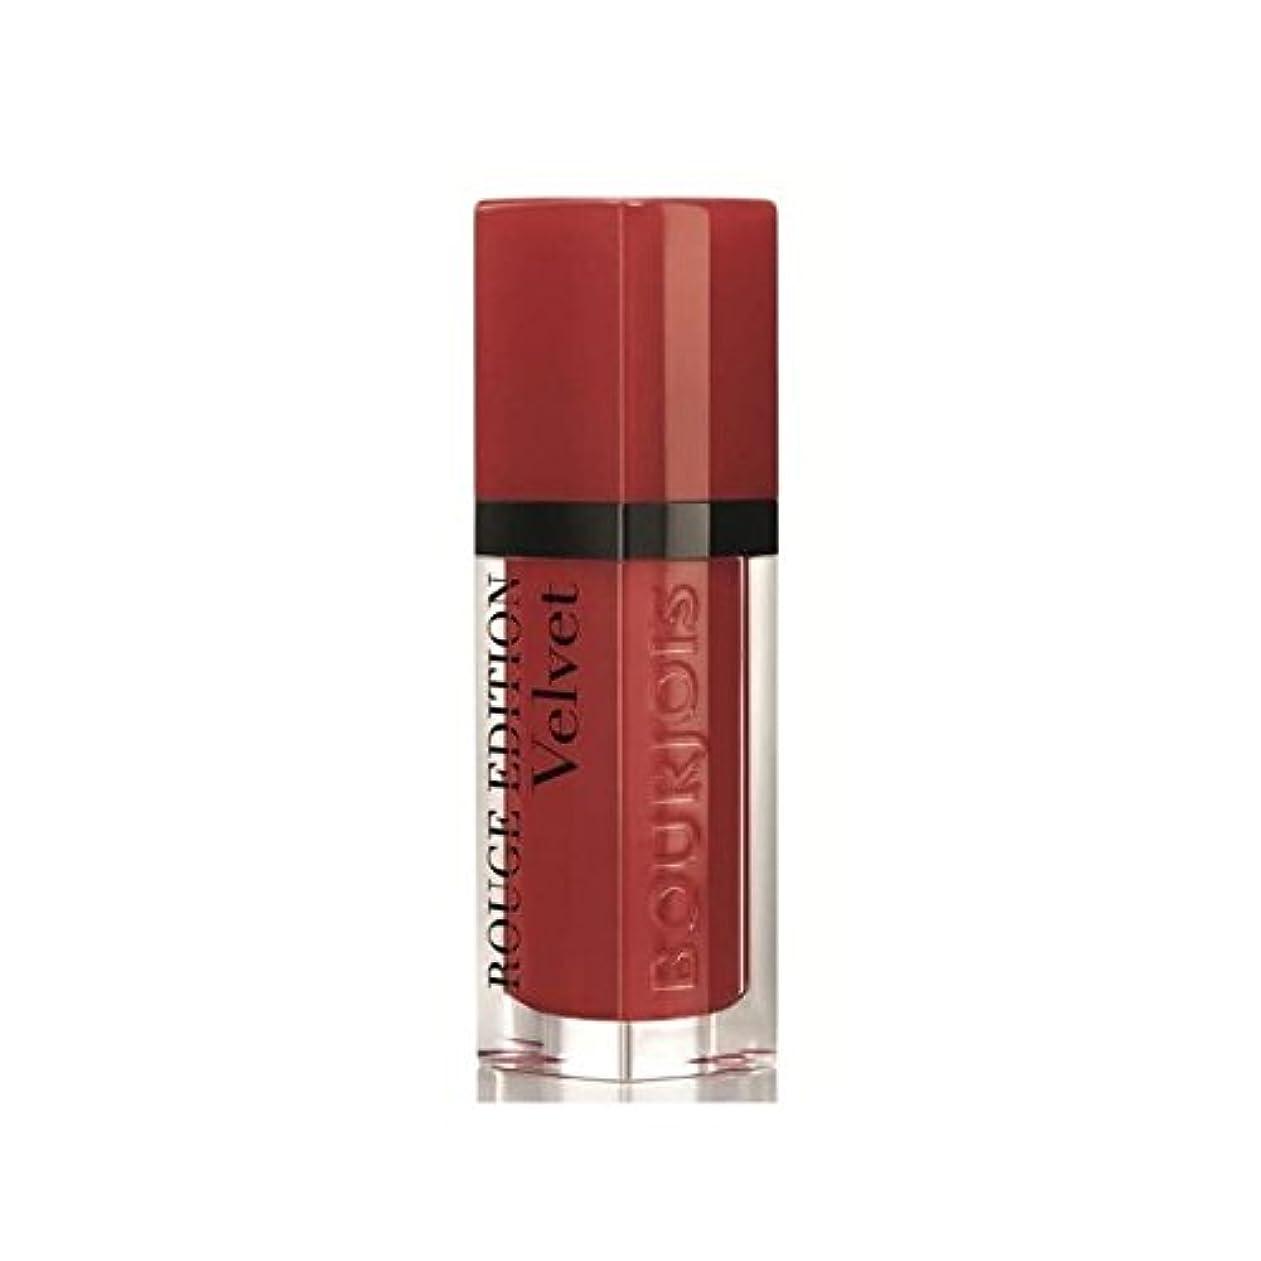 細い死傷者バイオリンブルジョワルージュ版ベルベットの口紅ねルージュ1 x4 - Bourjois Rouge Edition Velvet lipstick Personne Ne Rouge 1 (Pack of 4) [並行輸入品]